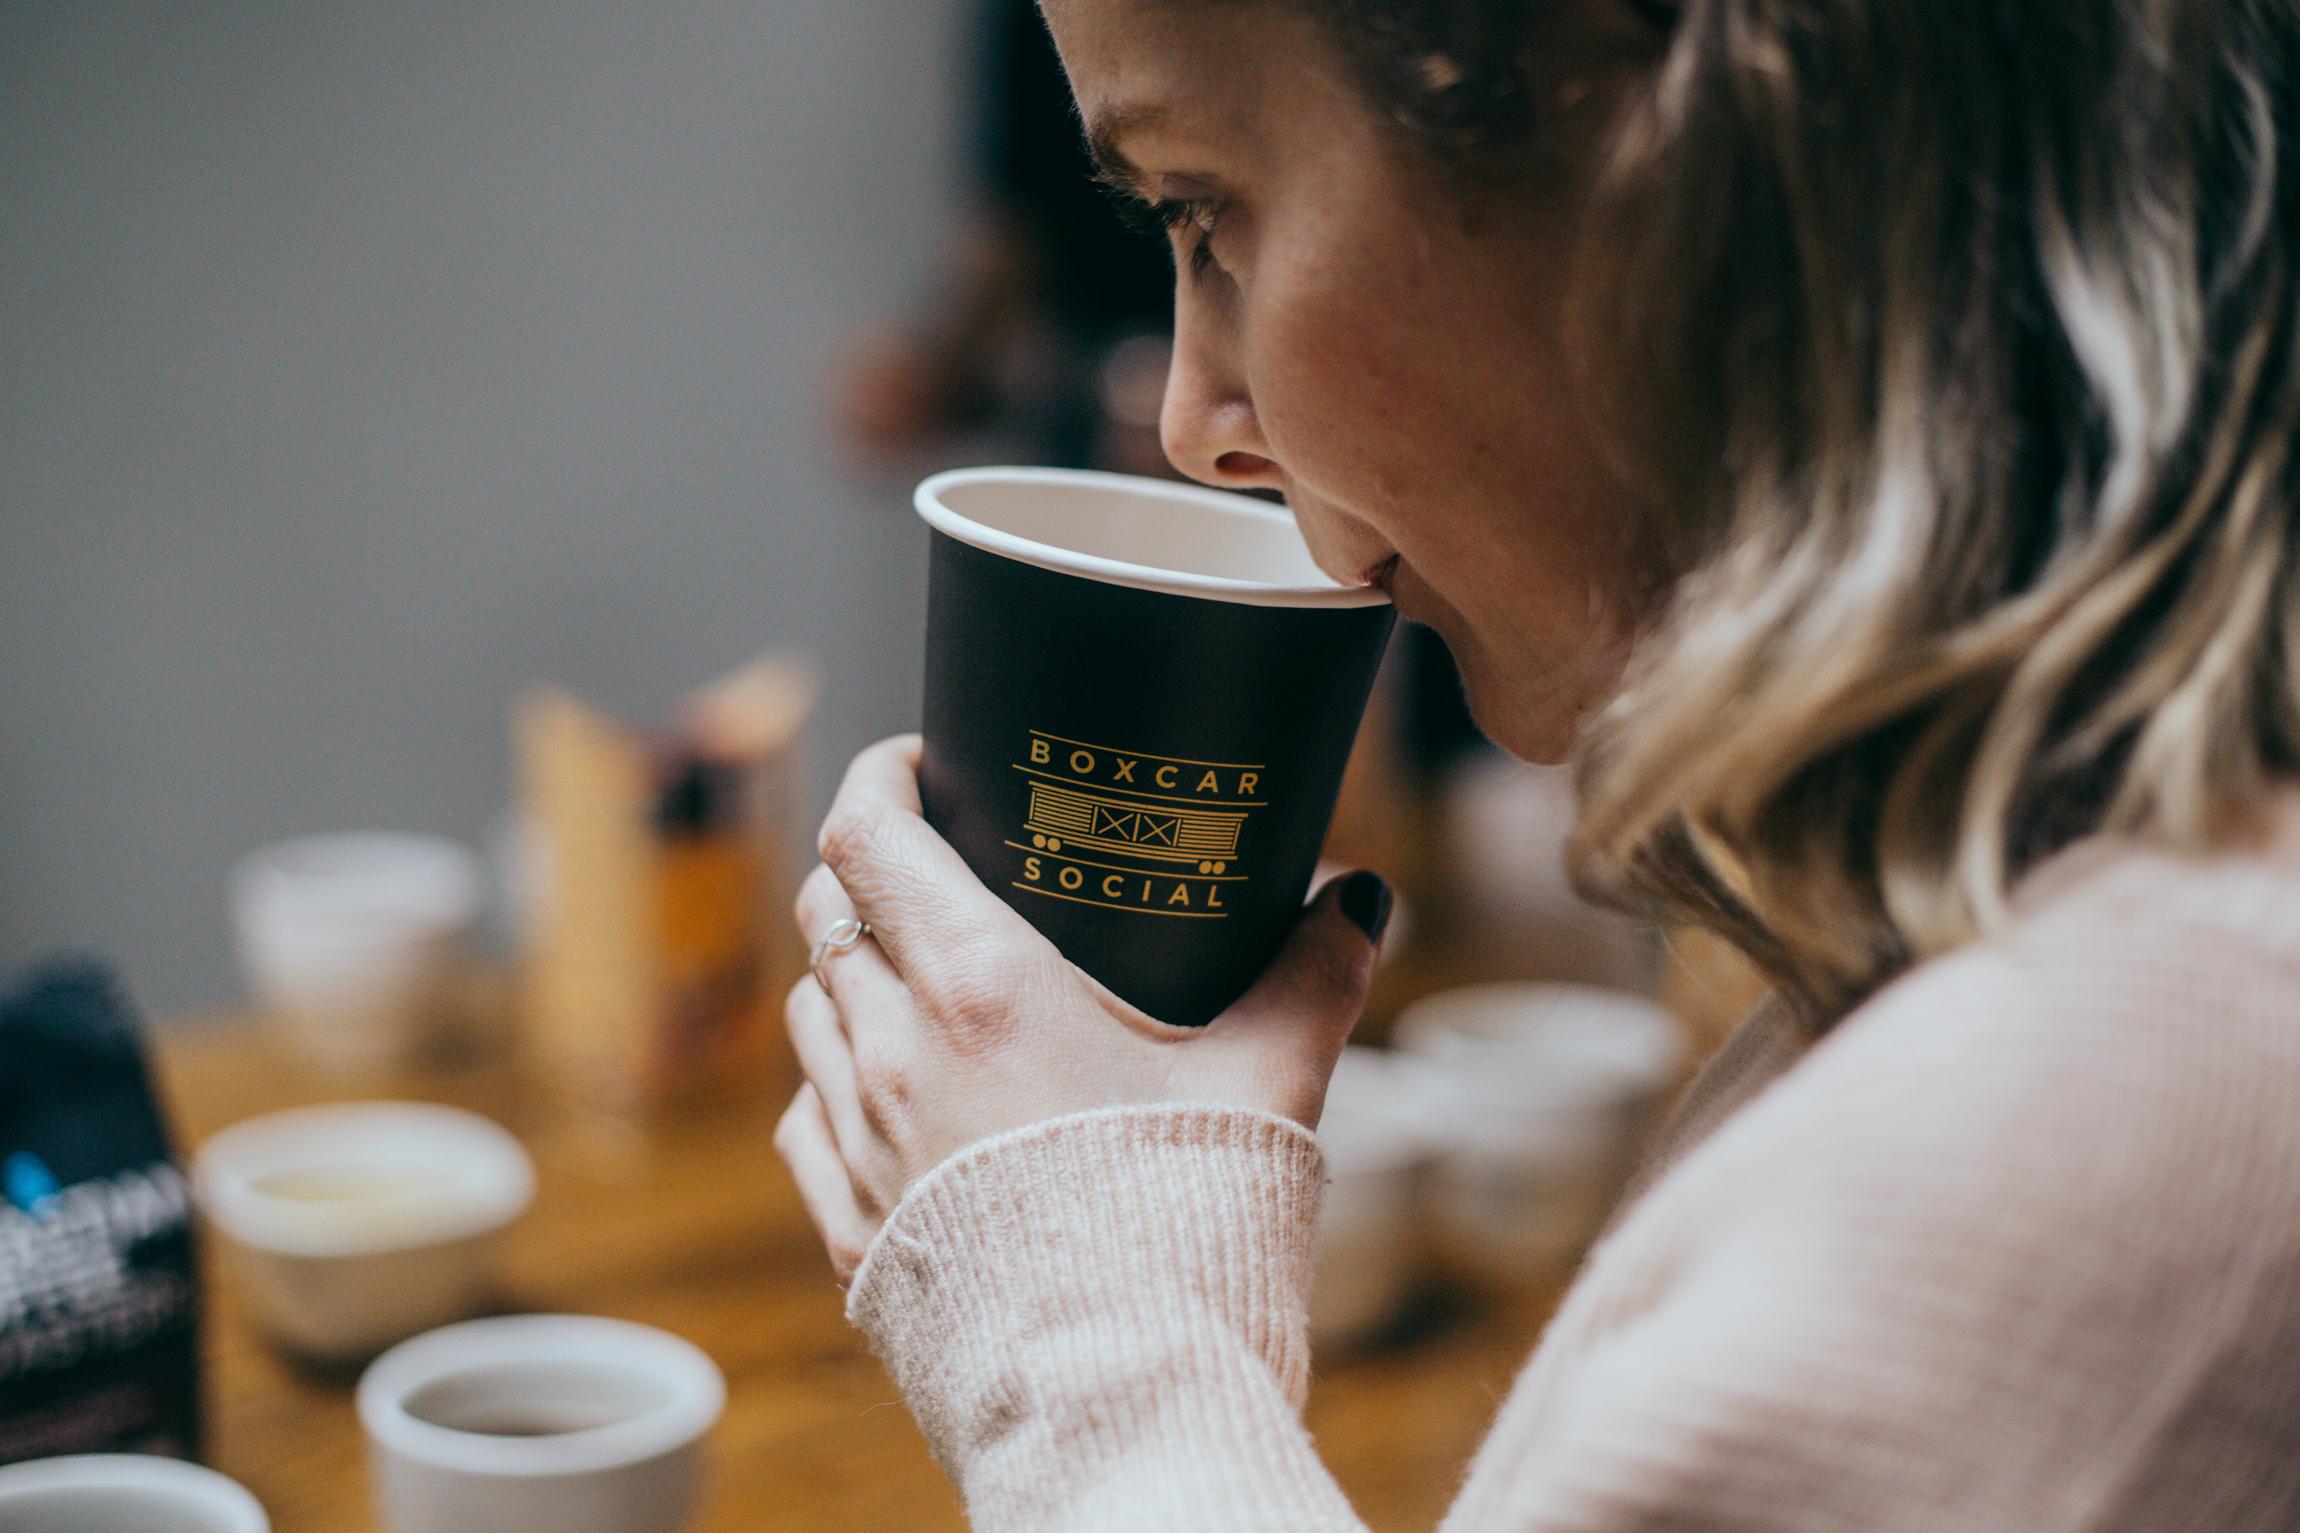 Boxcar Social - Coffee Cupping (Feb 17 2018) - Photo by Alexa Fernando @ajfernando - 65.jpg